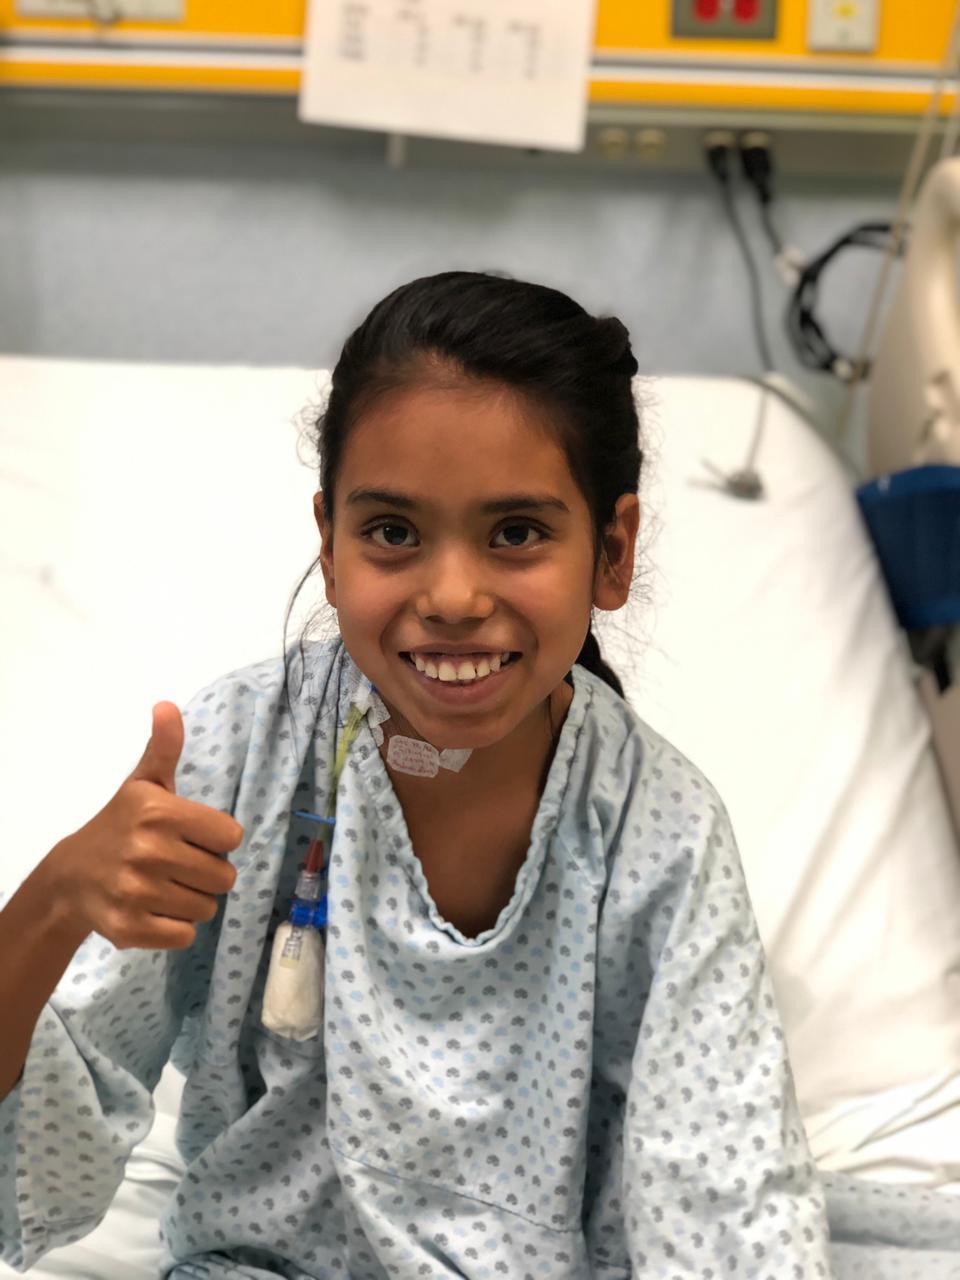 Niña de 11 años recibe transplante de riñón; niño de 7 años fue el donador